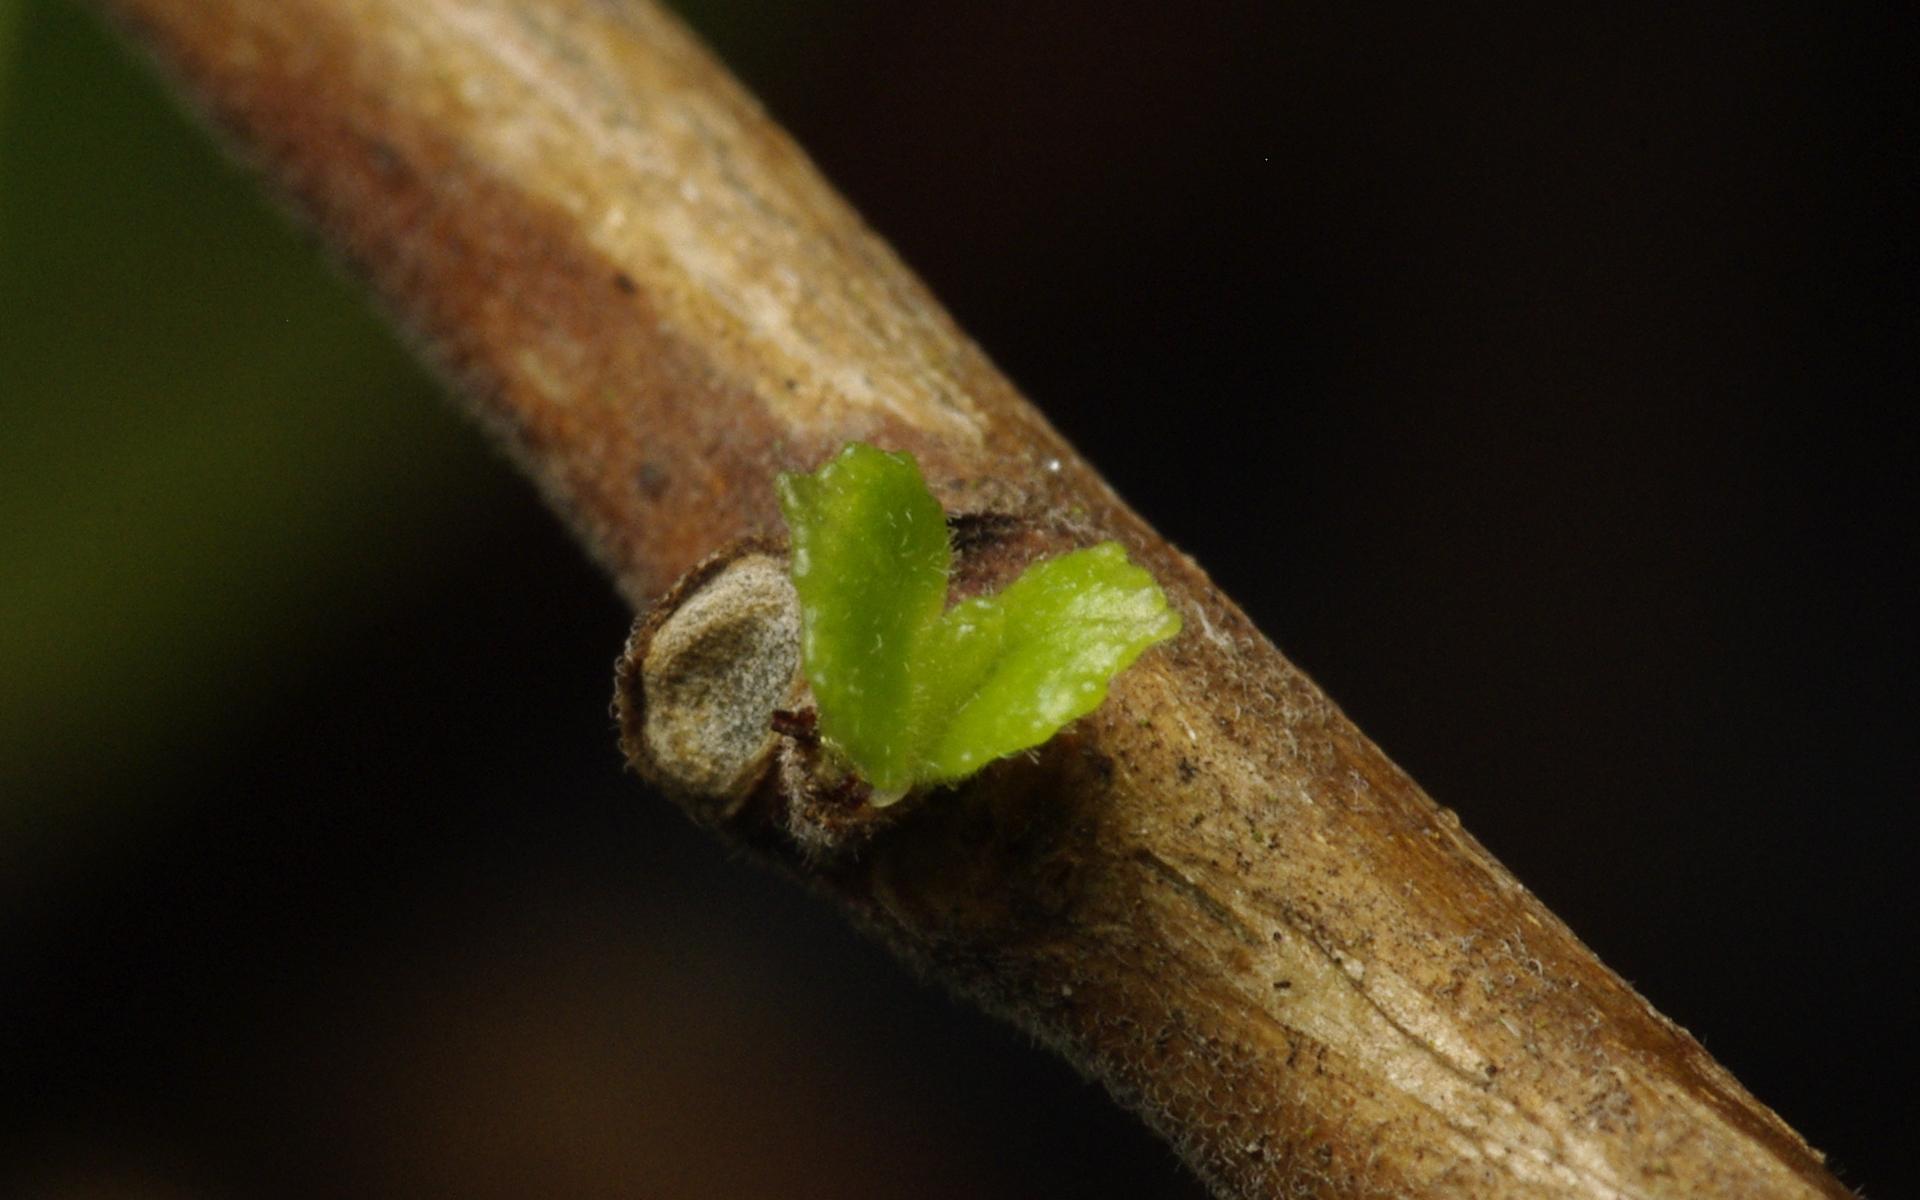 Tiny Fuchsia Bud